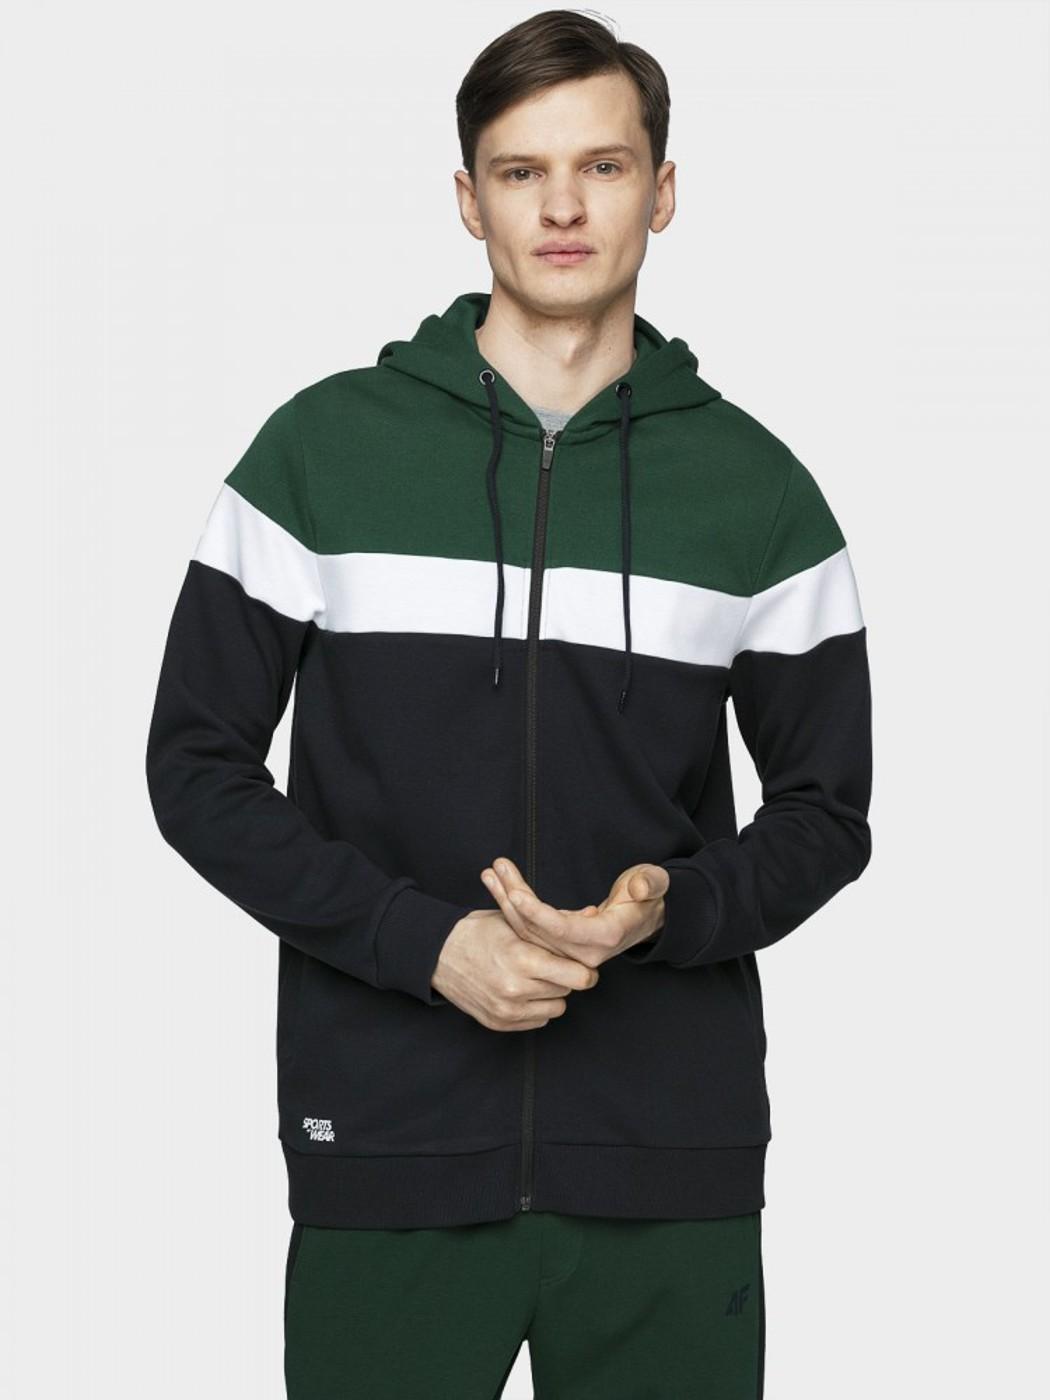 BLM012 Sweatshirt 4F - Herren